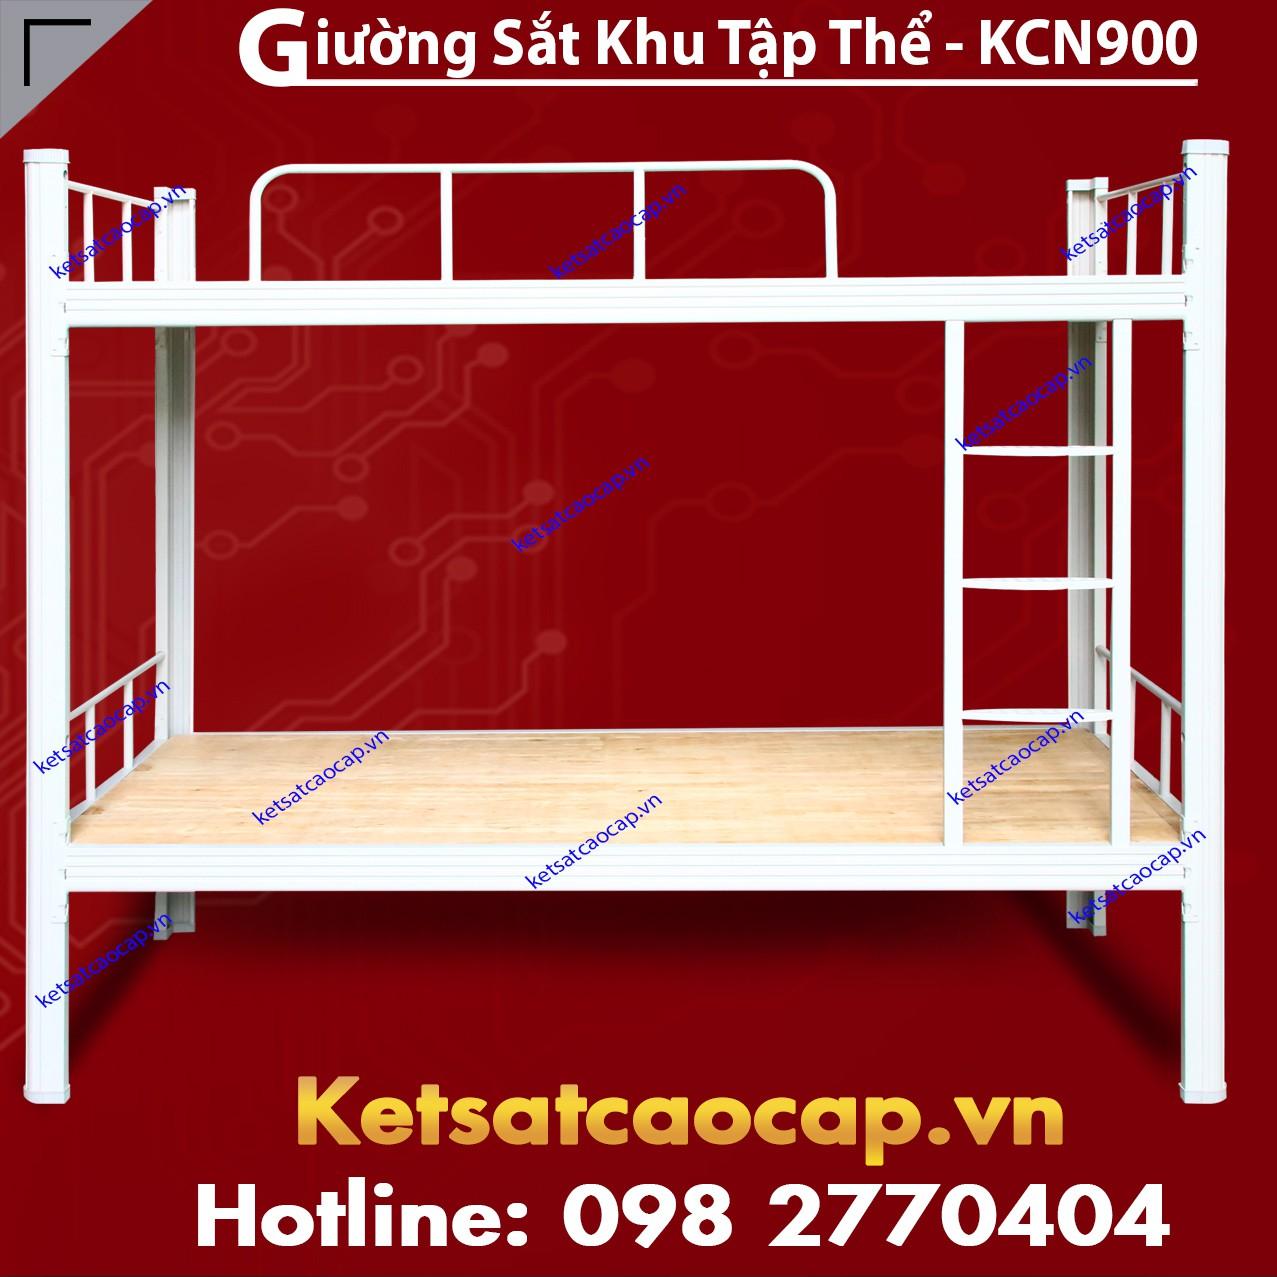 Giường Sắt Khu Tập Thể - KCN900